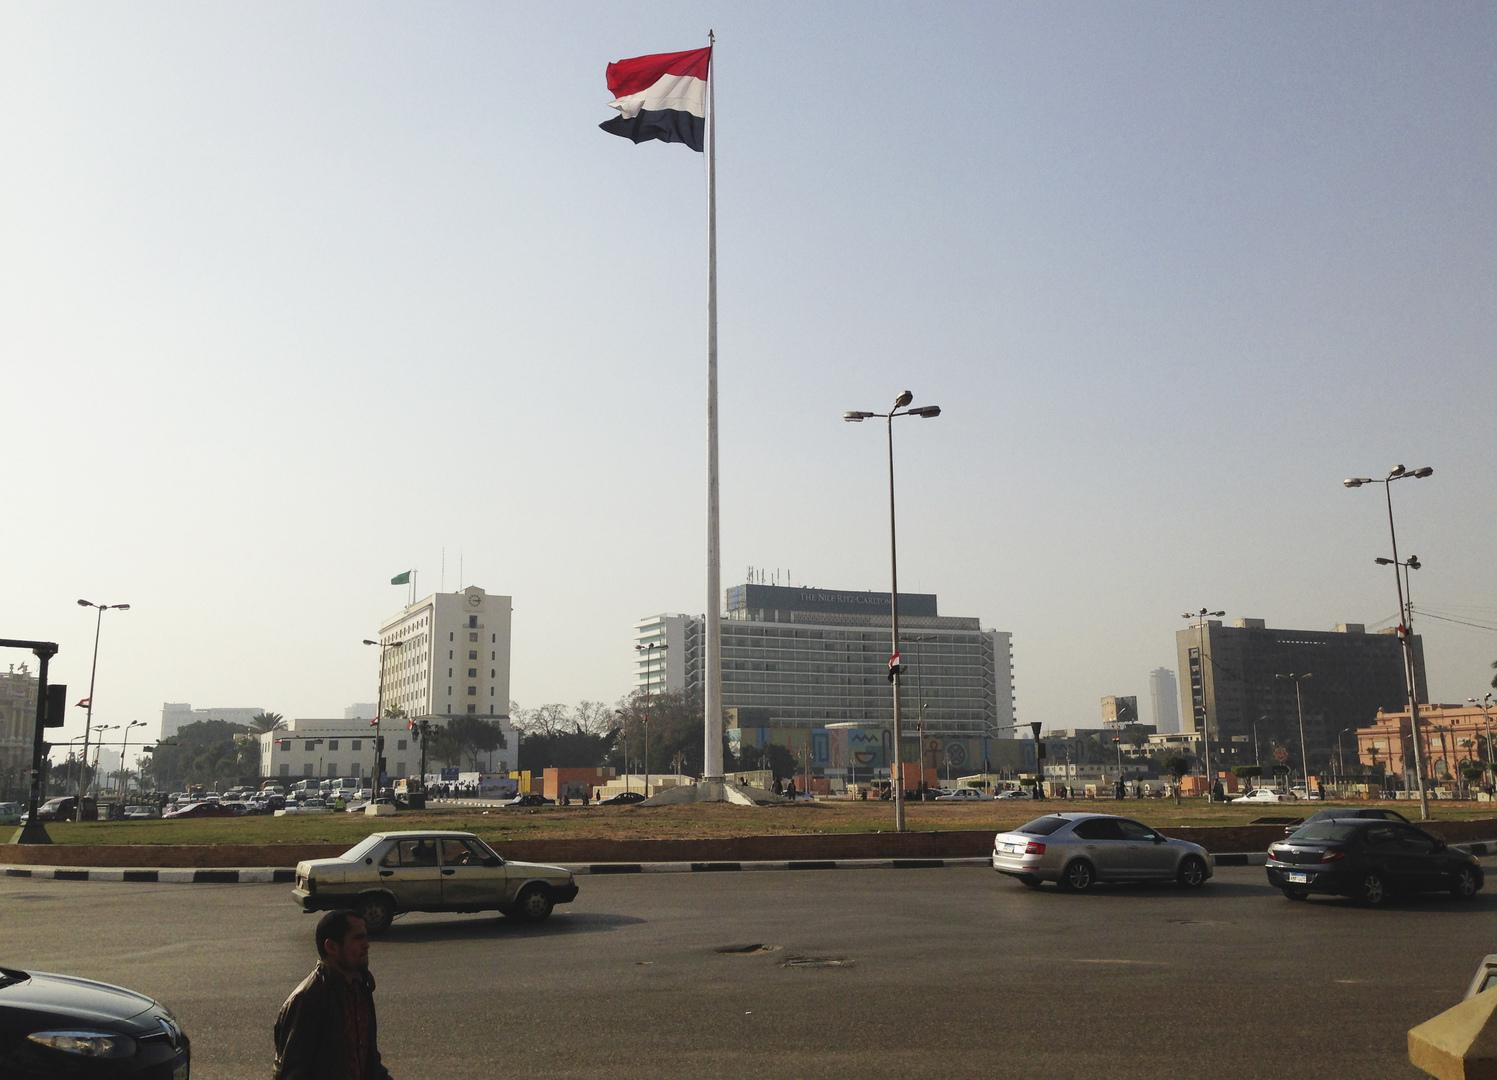 سفير مصر في واشنطن: تكرار ممارسات إثيوبيا الأحادية في أحواض الأنهار سيكون له تبعات جسيمة